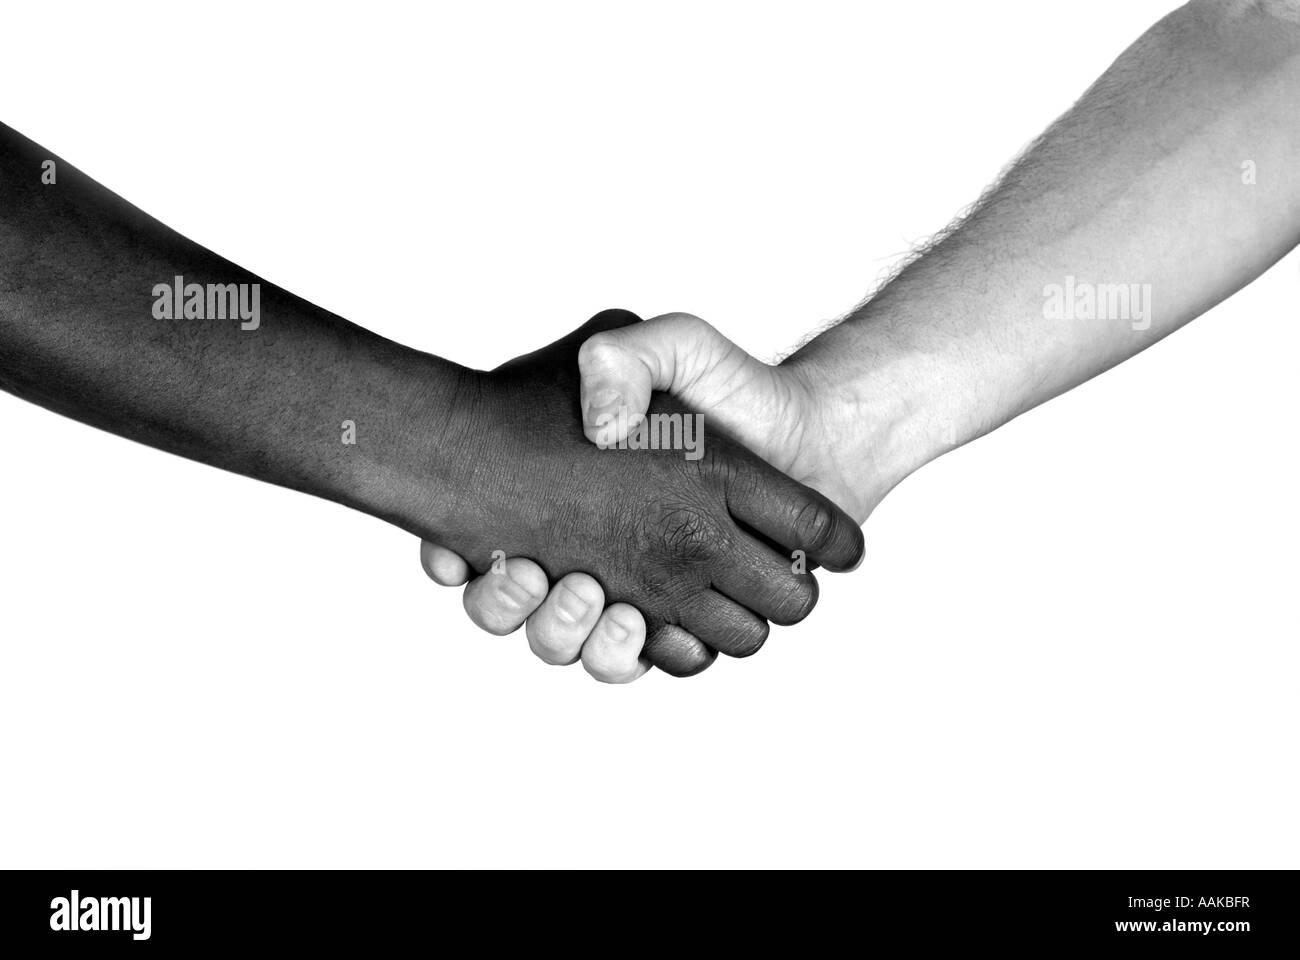 Handshake black and white - Stock Image